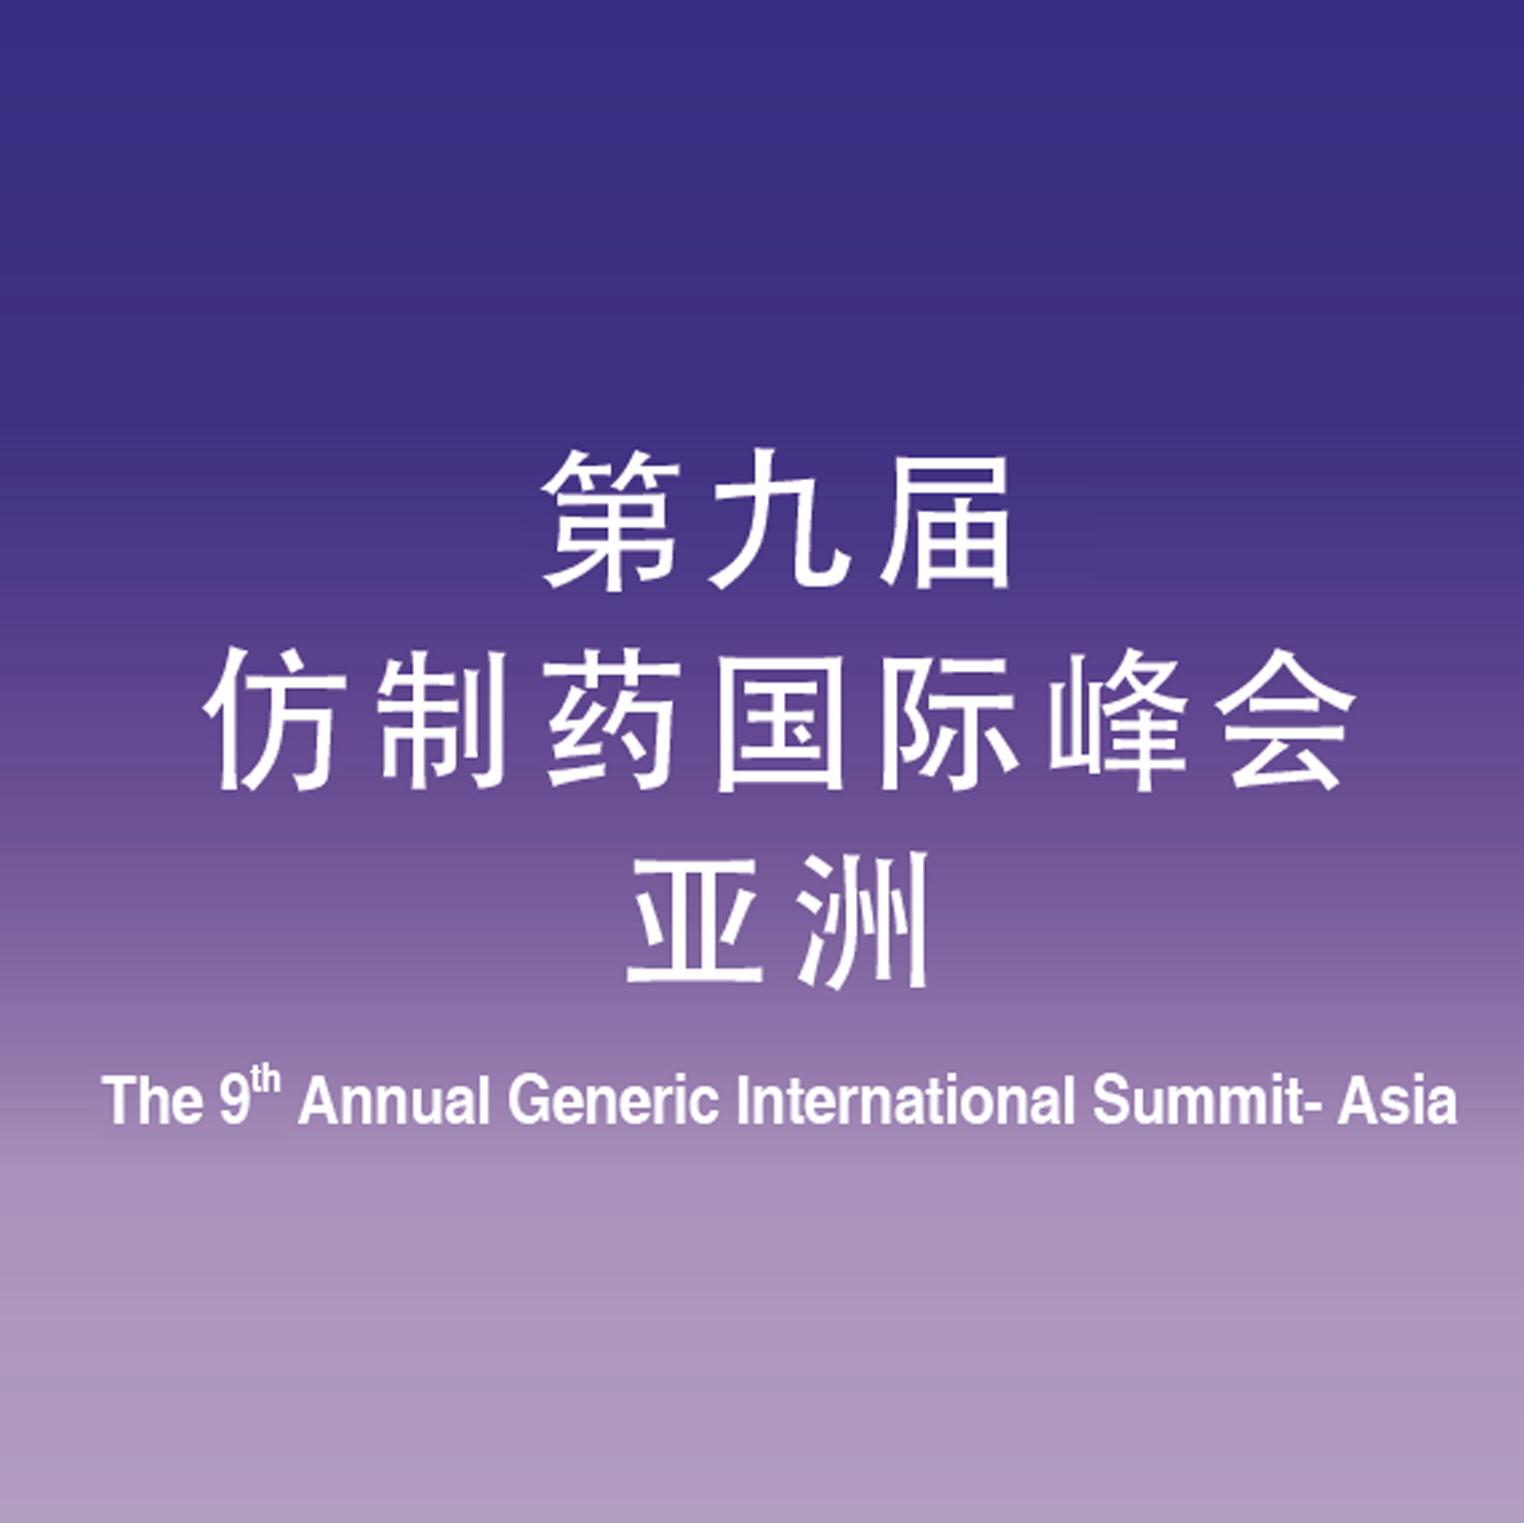 第九届仿制药国际峰会-亚洲(GIS2019)